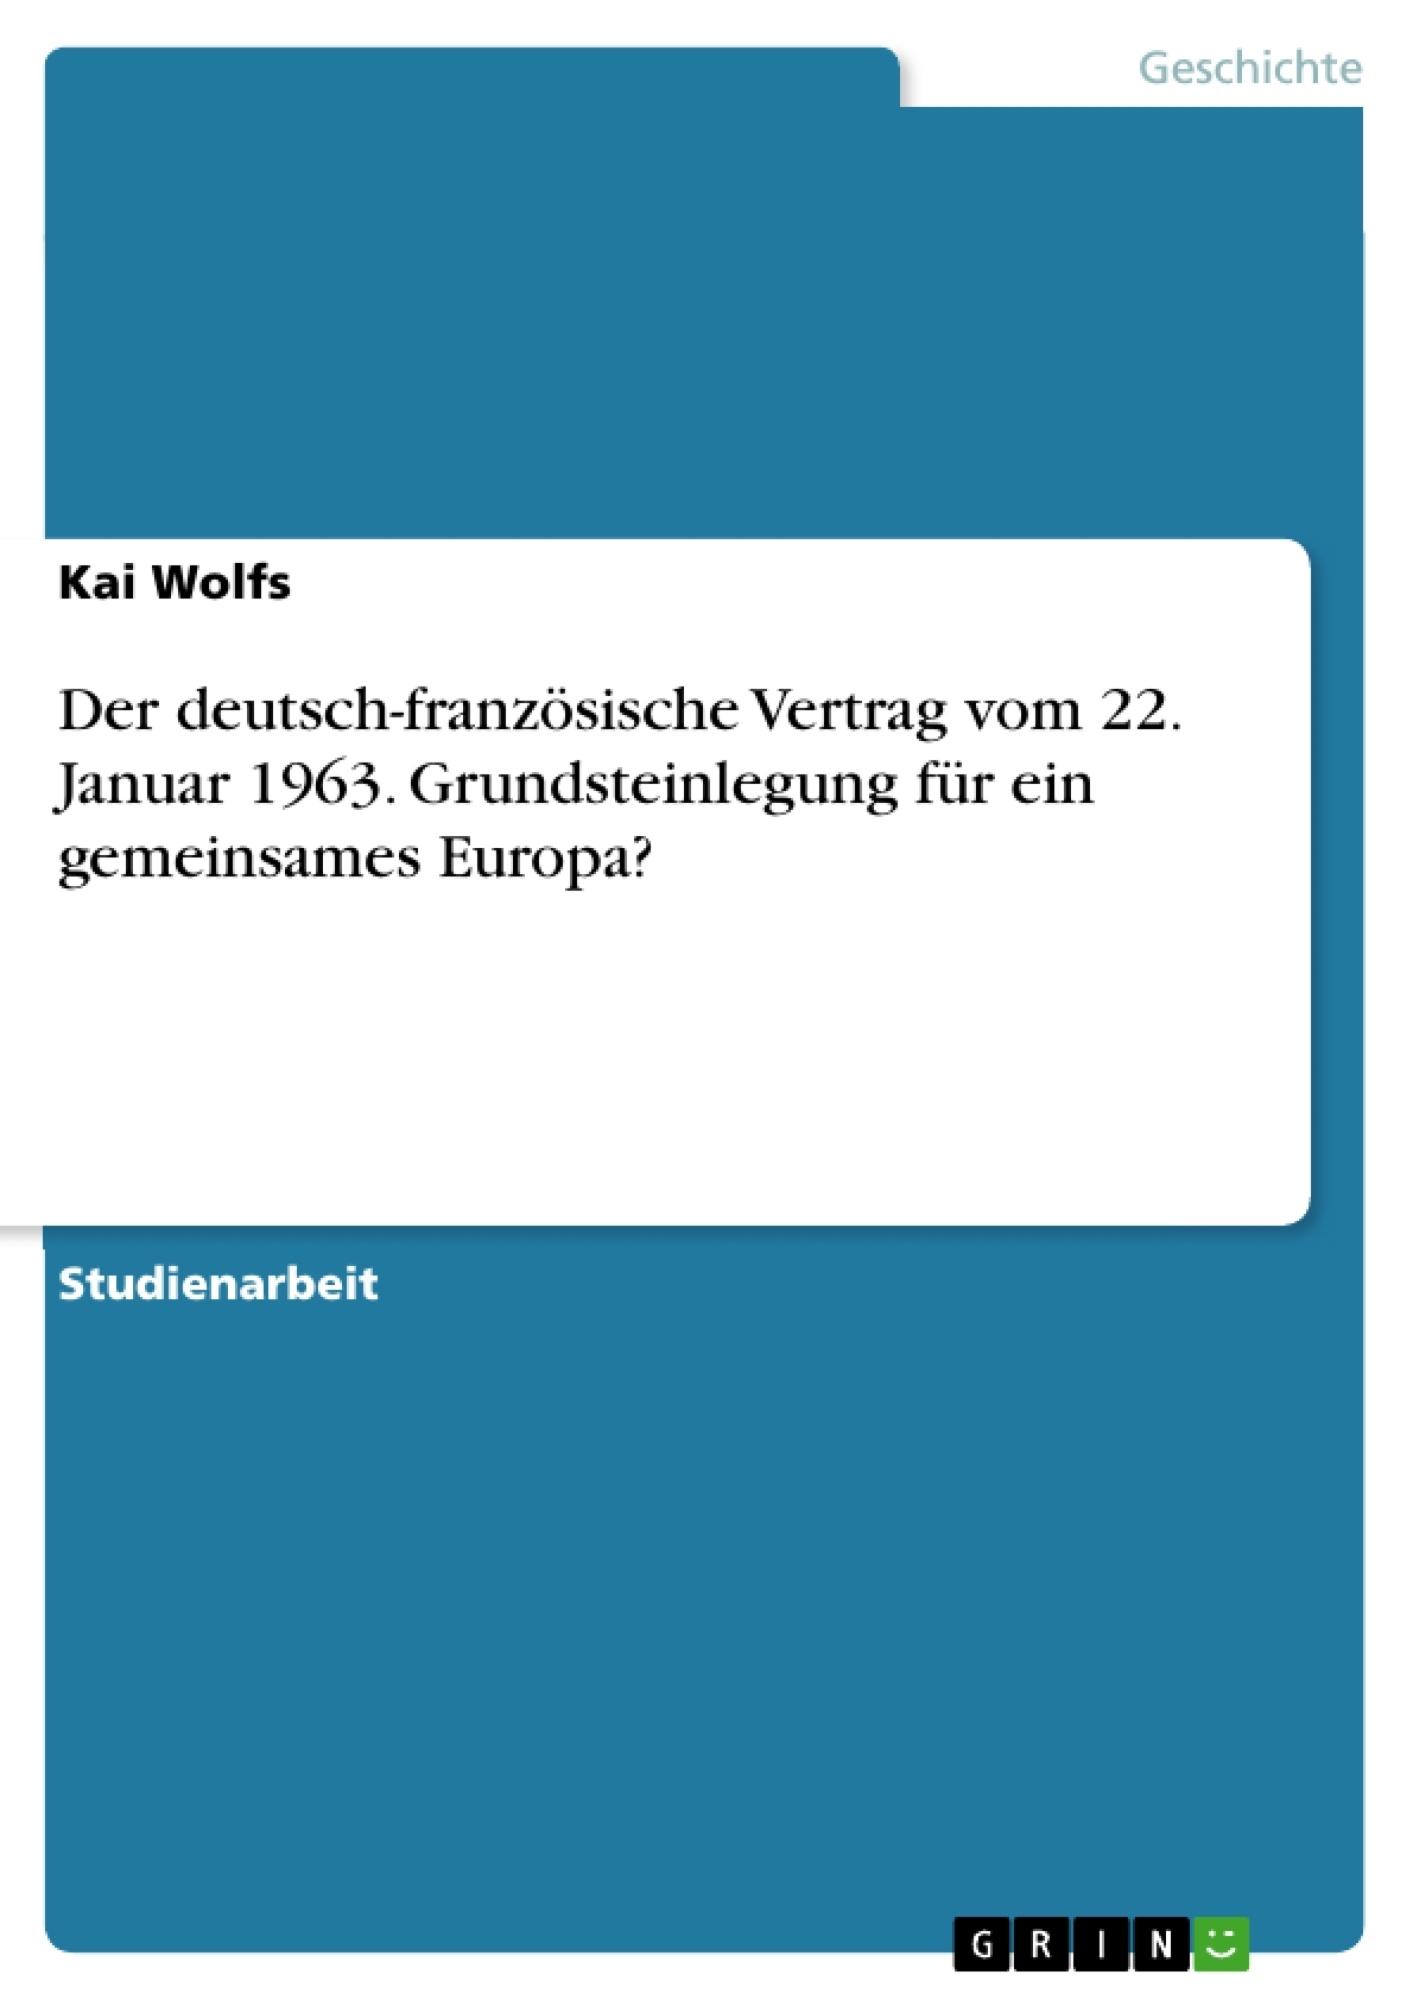 Titel: Der deutsch-französische Vertrag vom 22. Januar 1963. Grundsteinlegung für ein gemeinsames Europa?